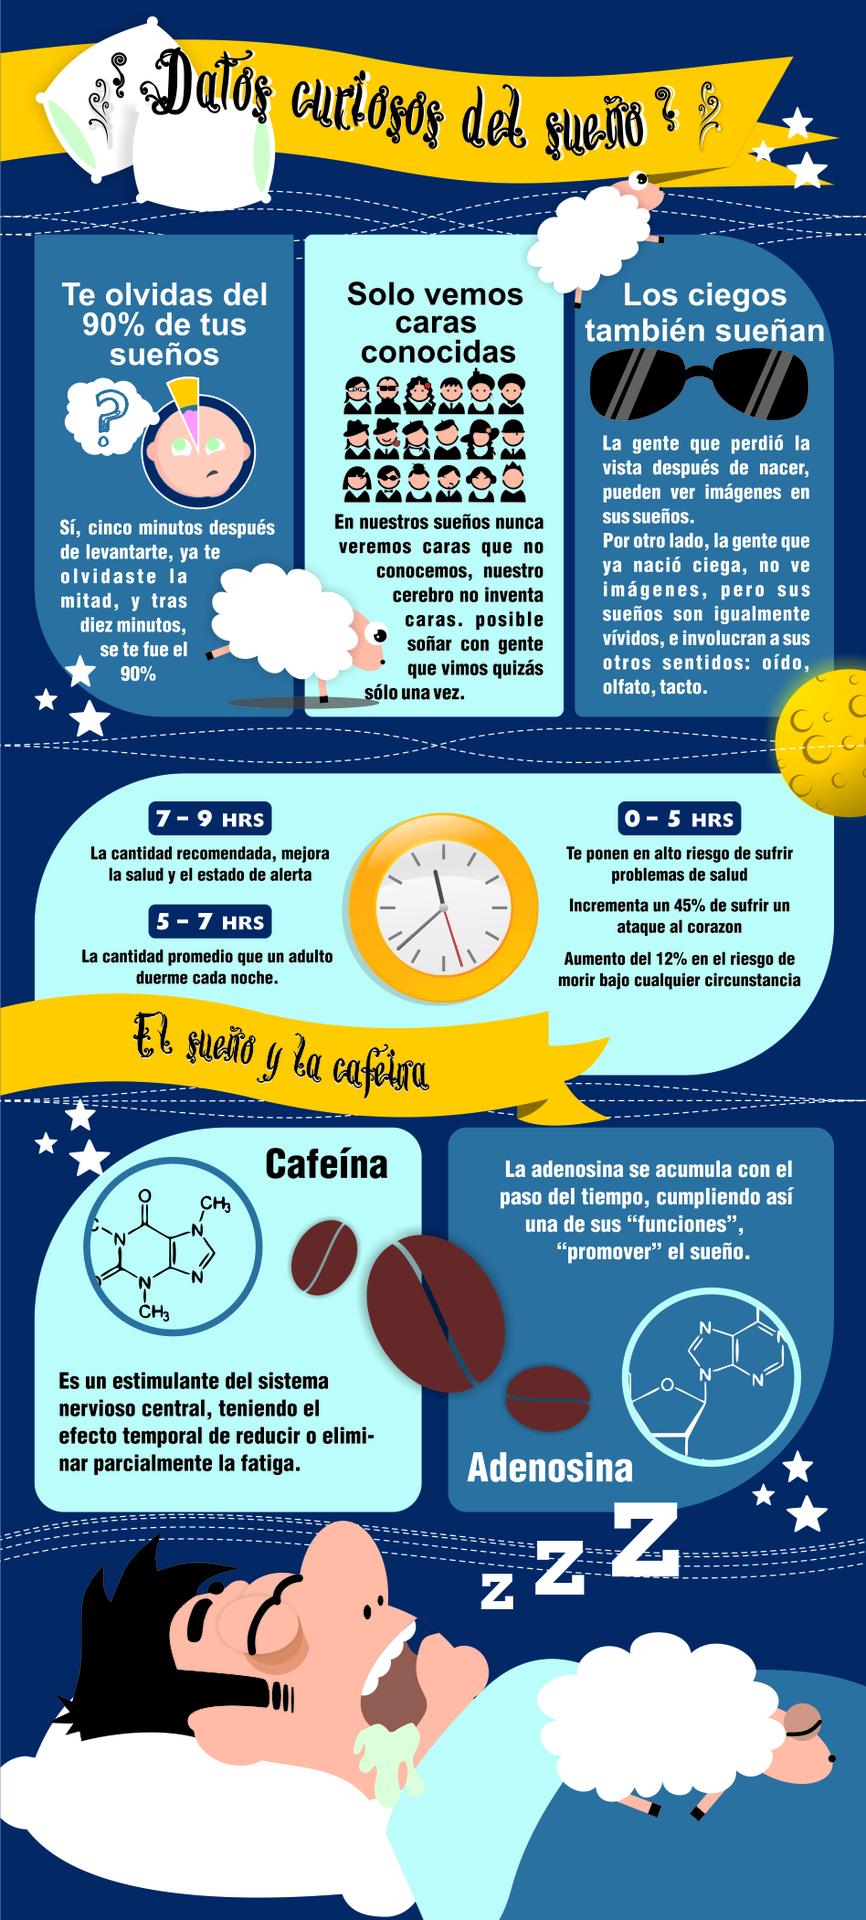 datos curiosos sobre el sueño